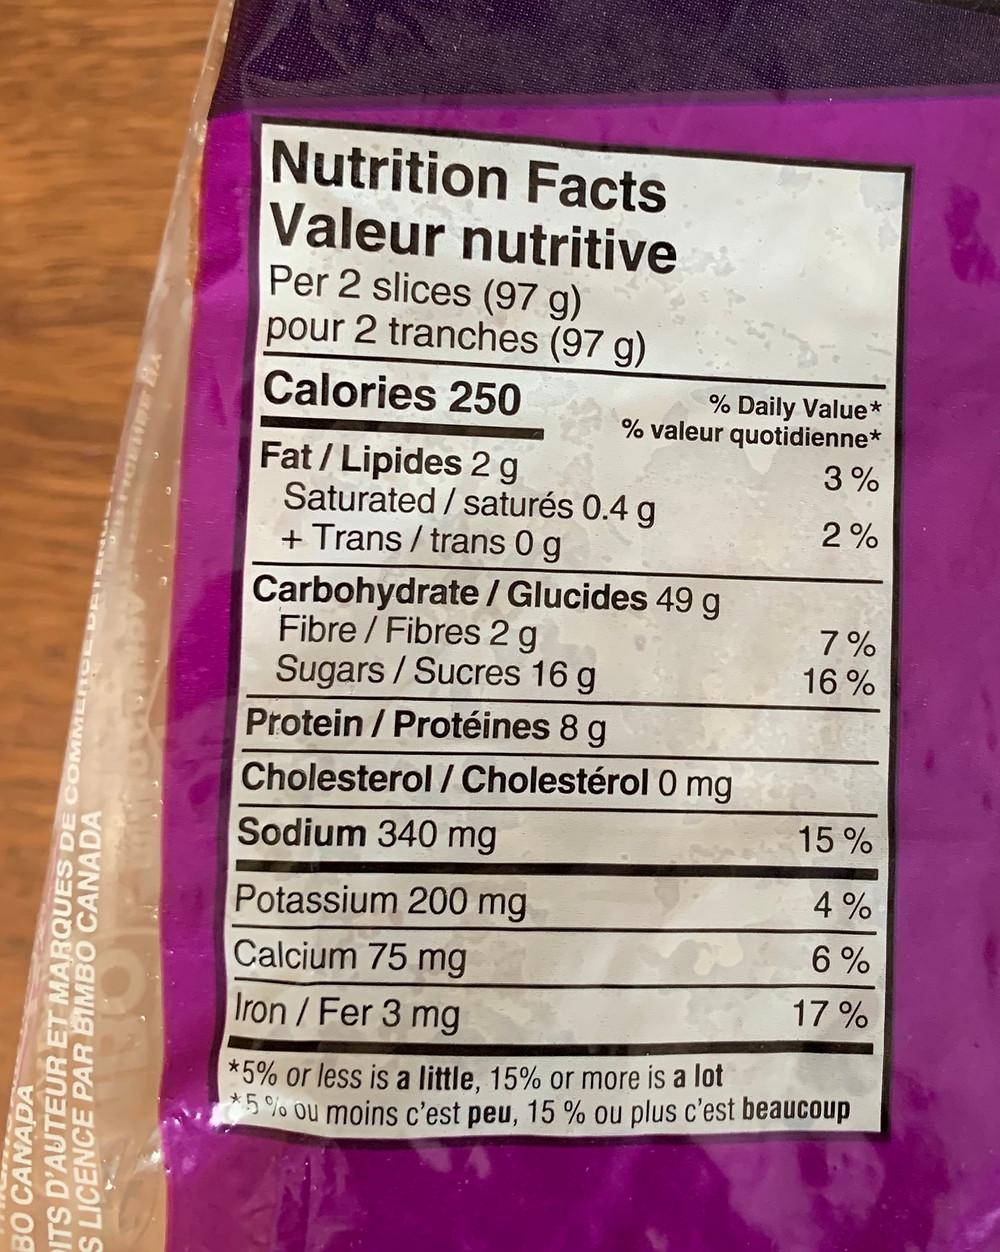 Costco Dempsters Signature Cinnamon Raisin Bread Nutrition